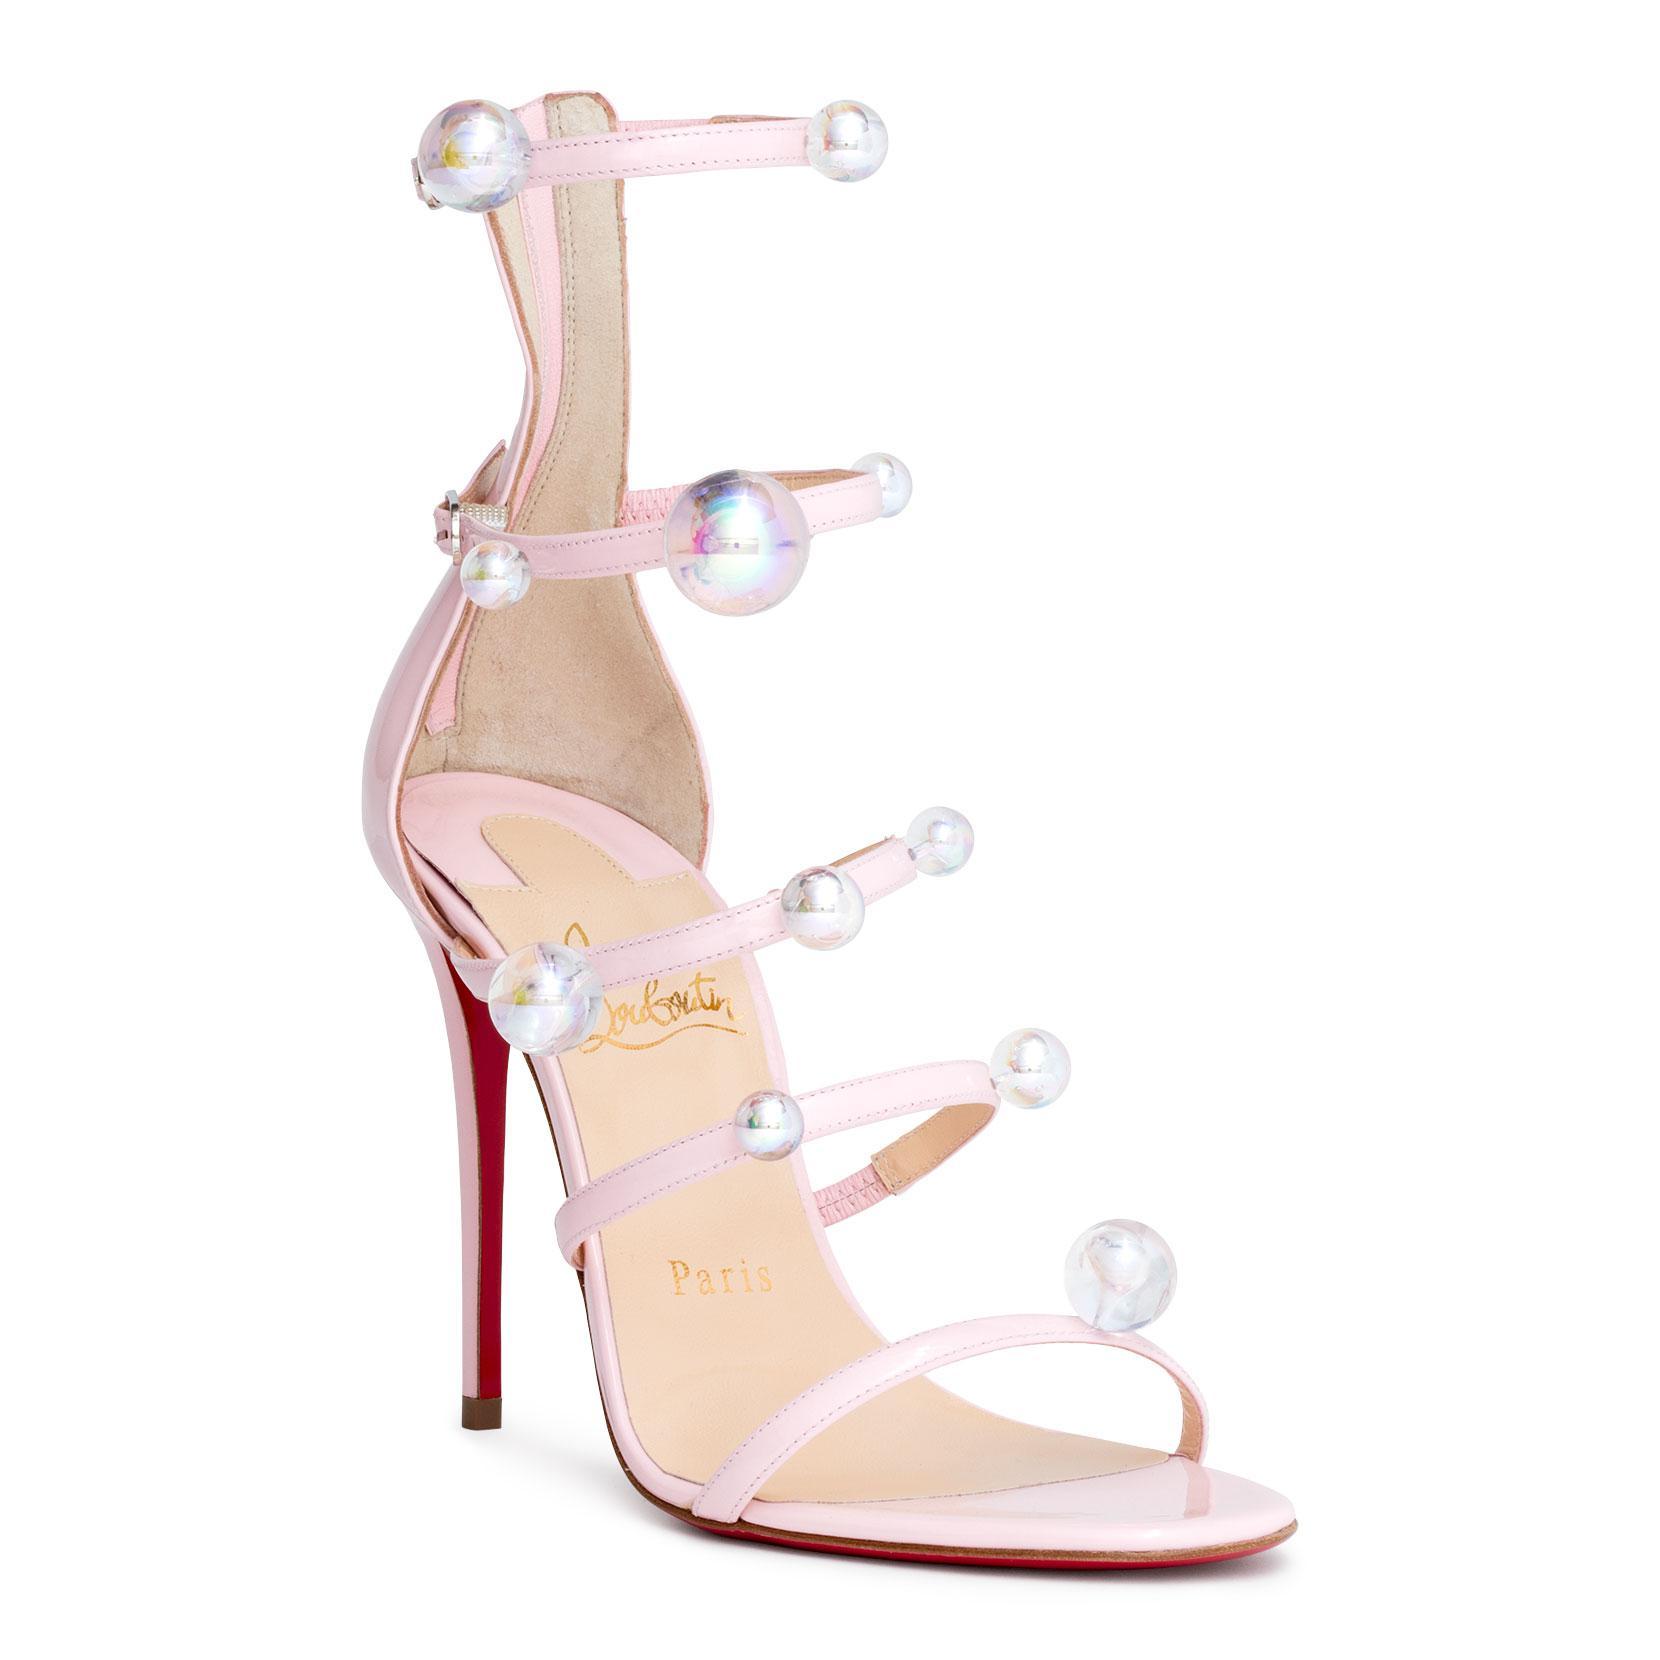 40191d8f109b usa louboutin pink sandals c5f99 b6550